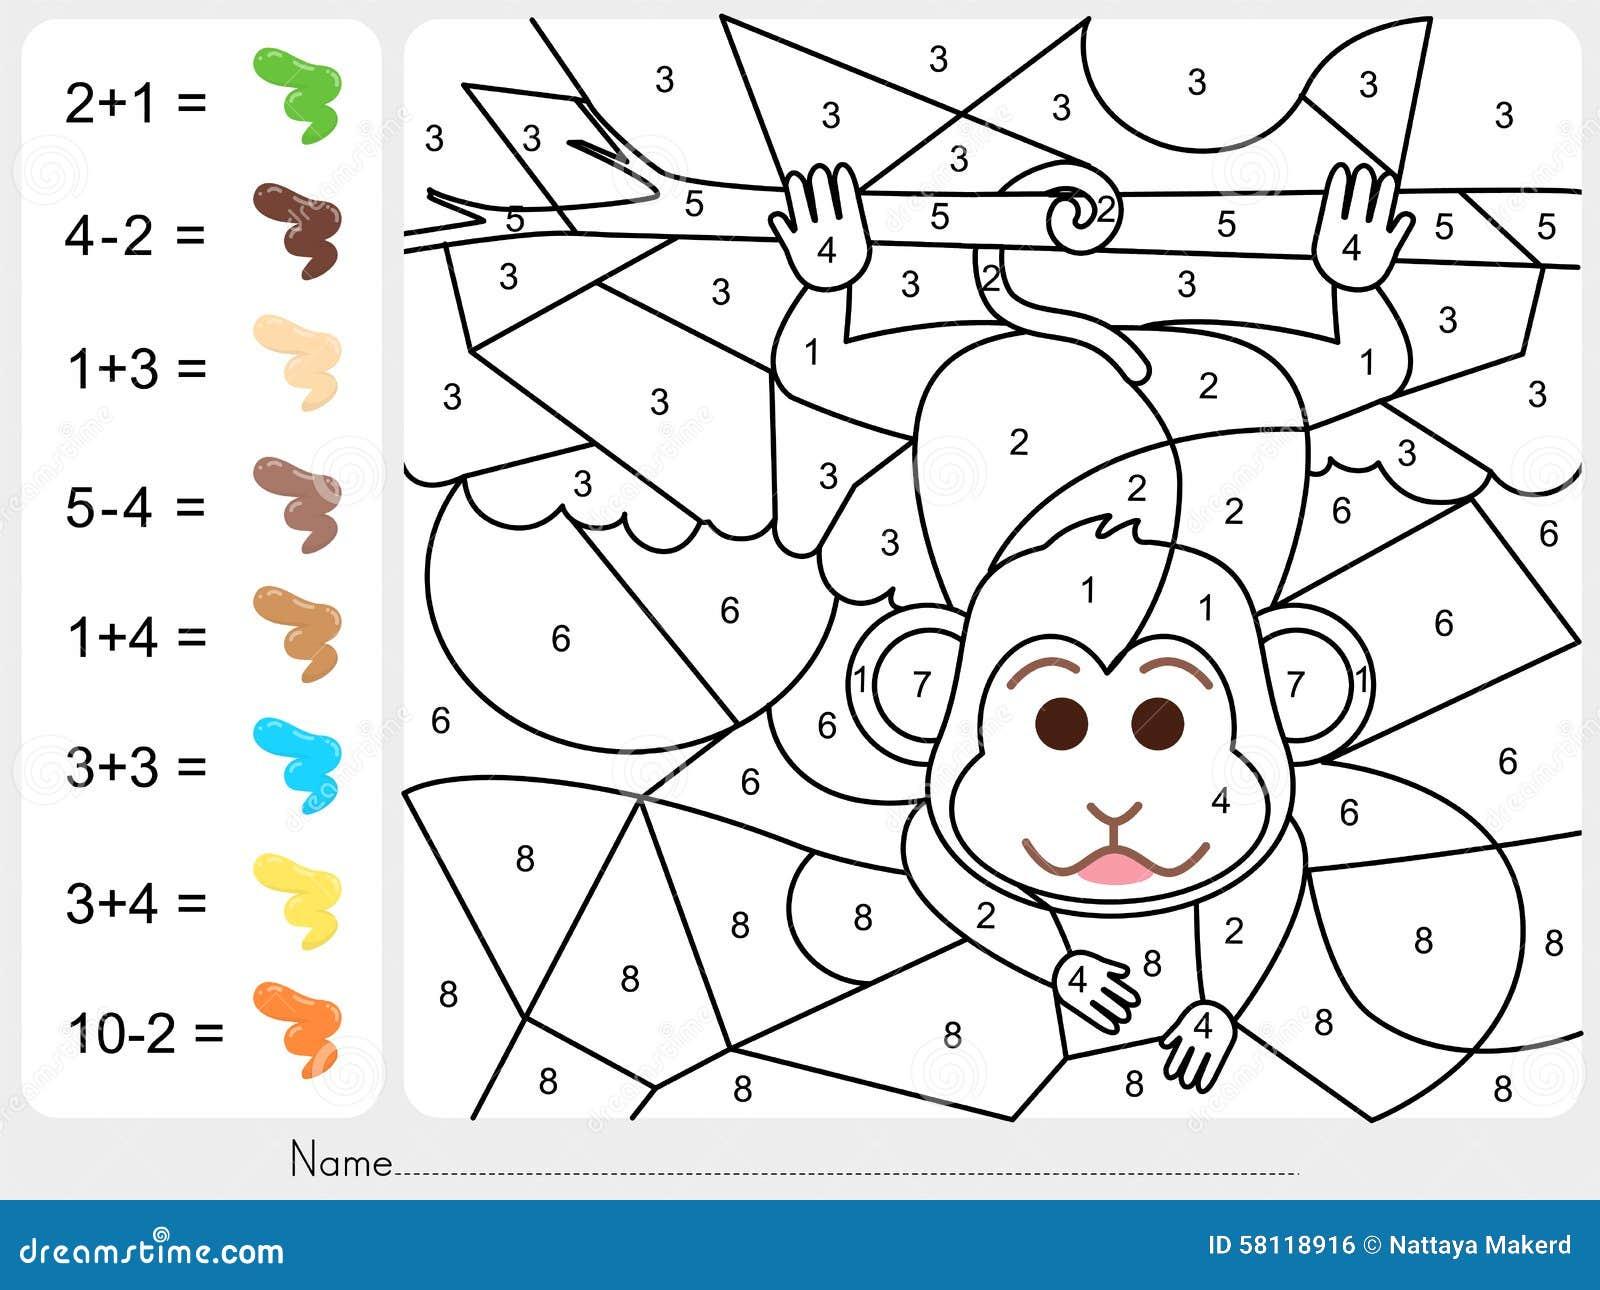 Groß Arbeitsblätter Für Kinder Färben Ideen - Malvorlagen Von Tieren ...